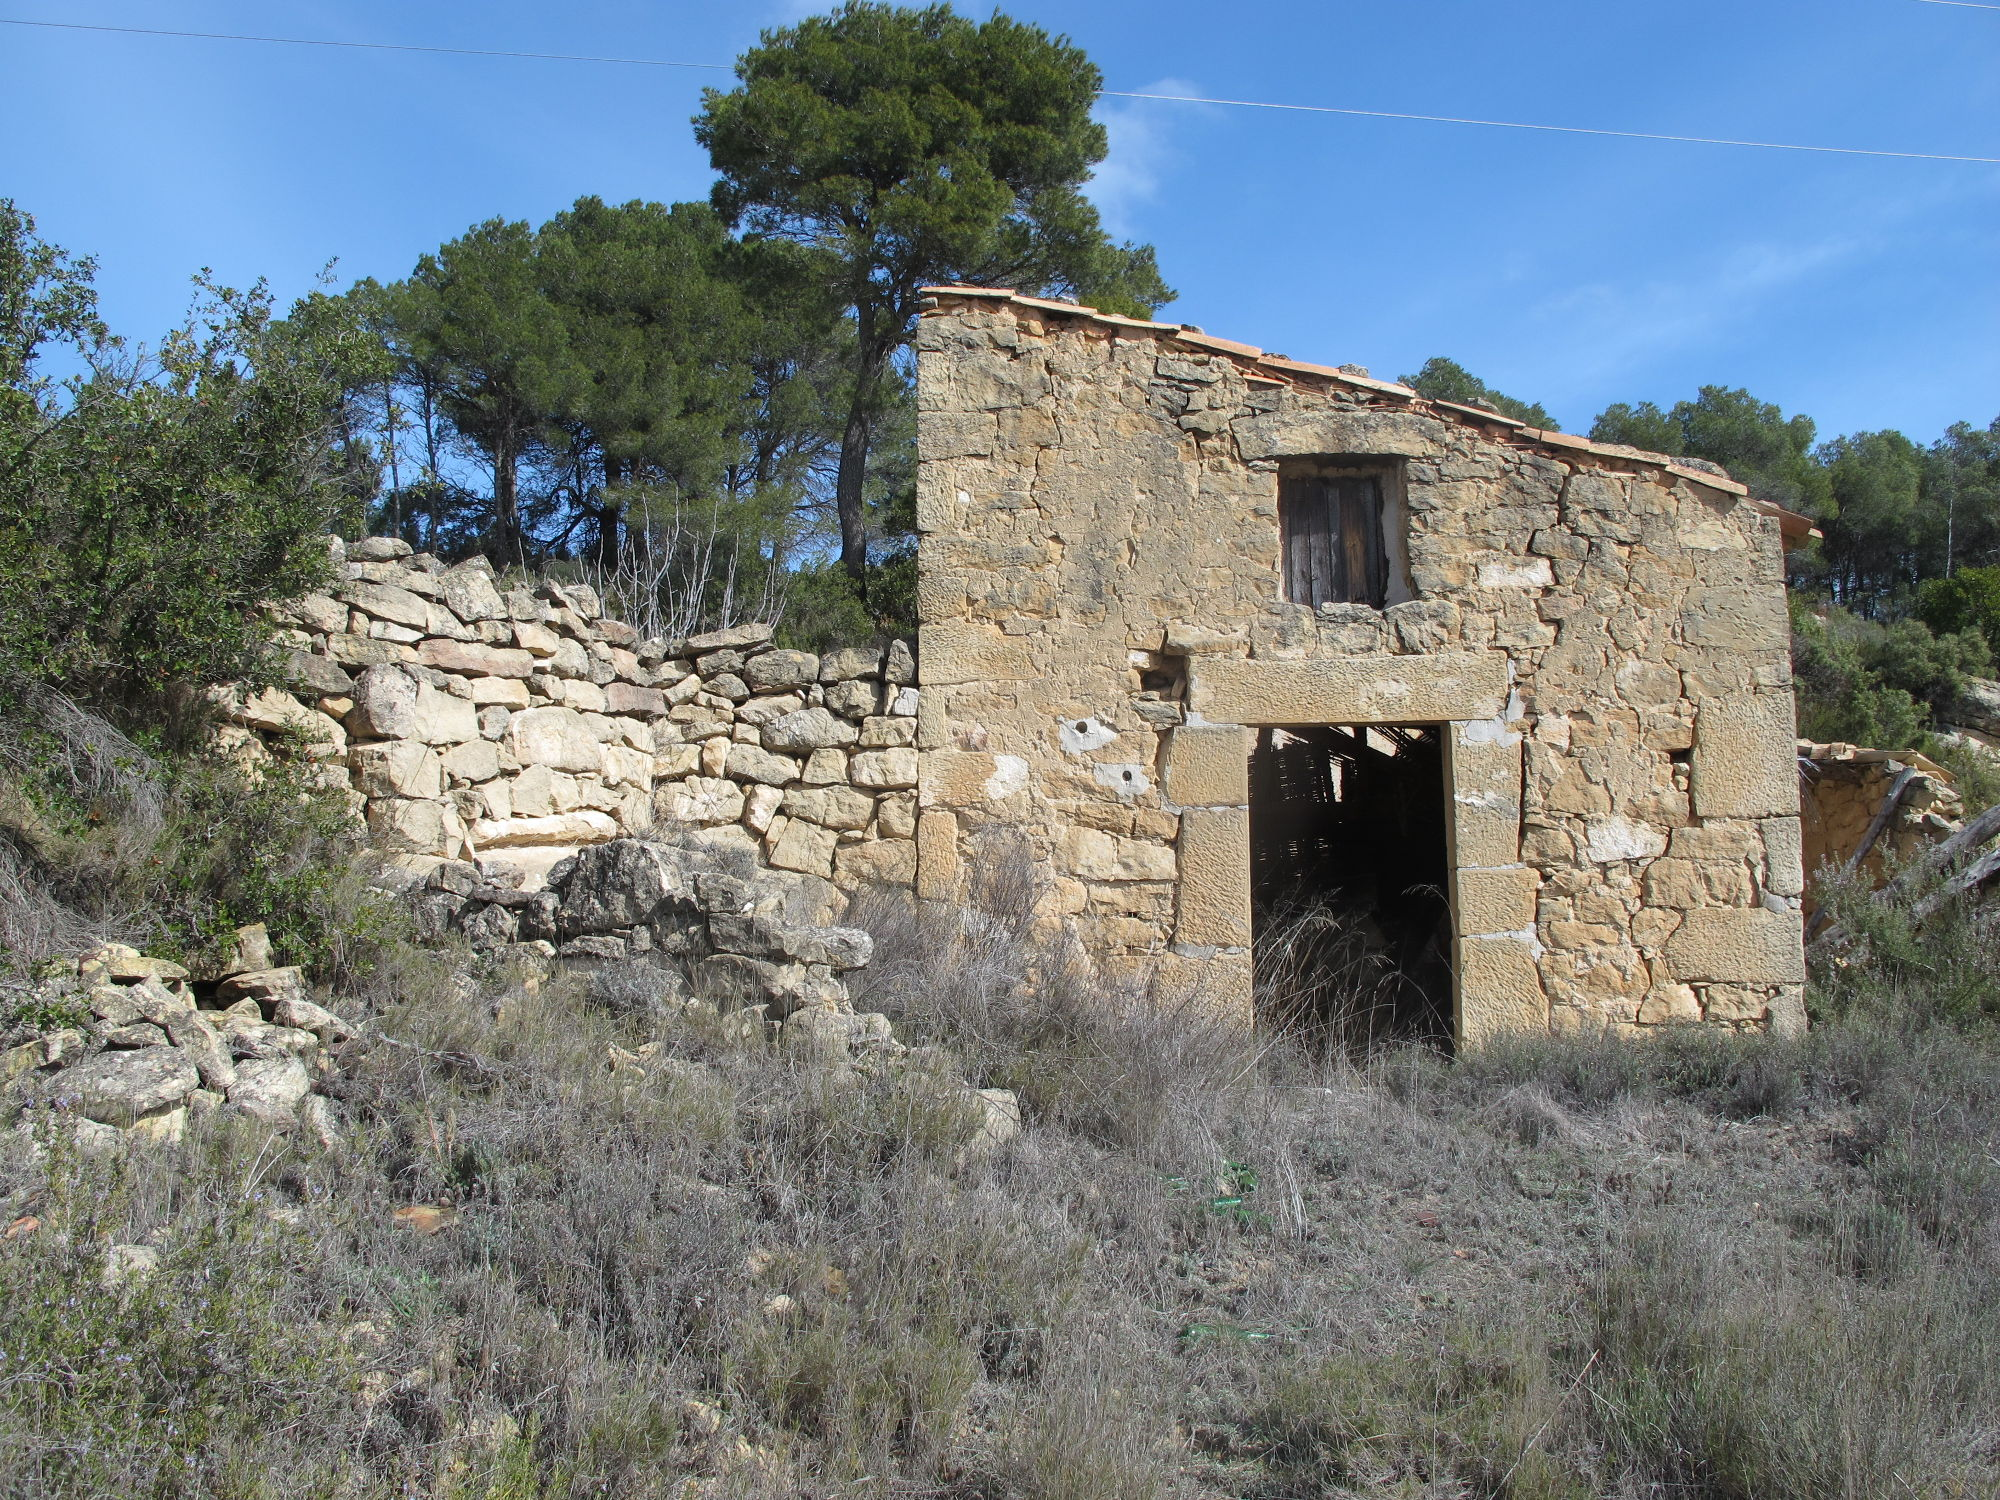 4 Rooms, Land, For sale, Barranc del Vall de la Conilla, 2 Bathrooms, Listing ID 1002, Caseres, Tarragona, Spain,